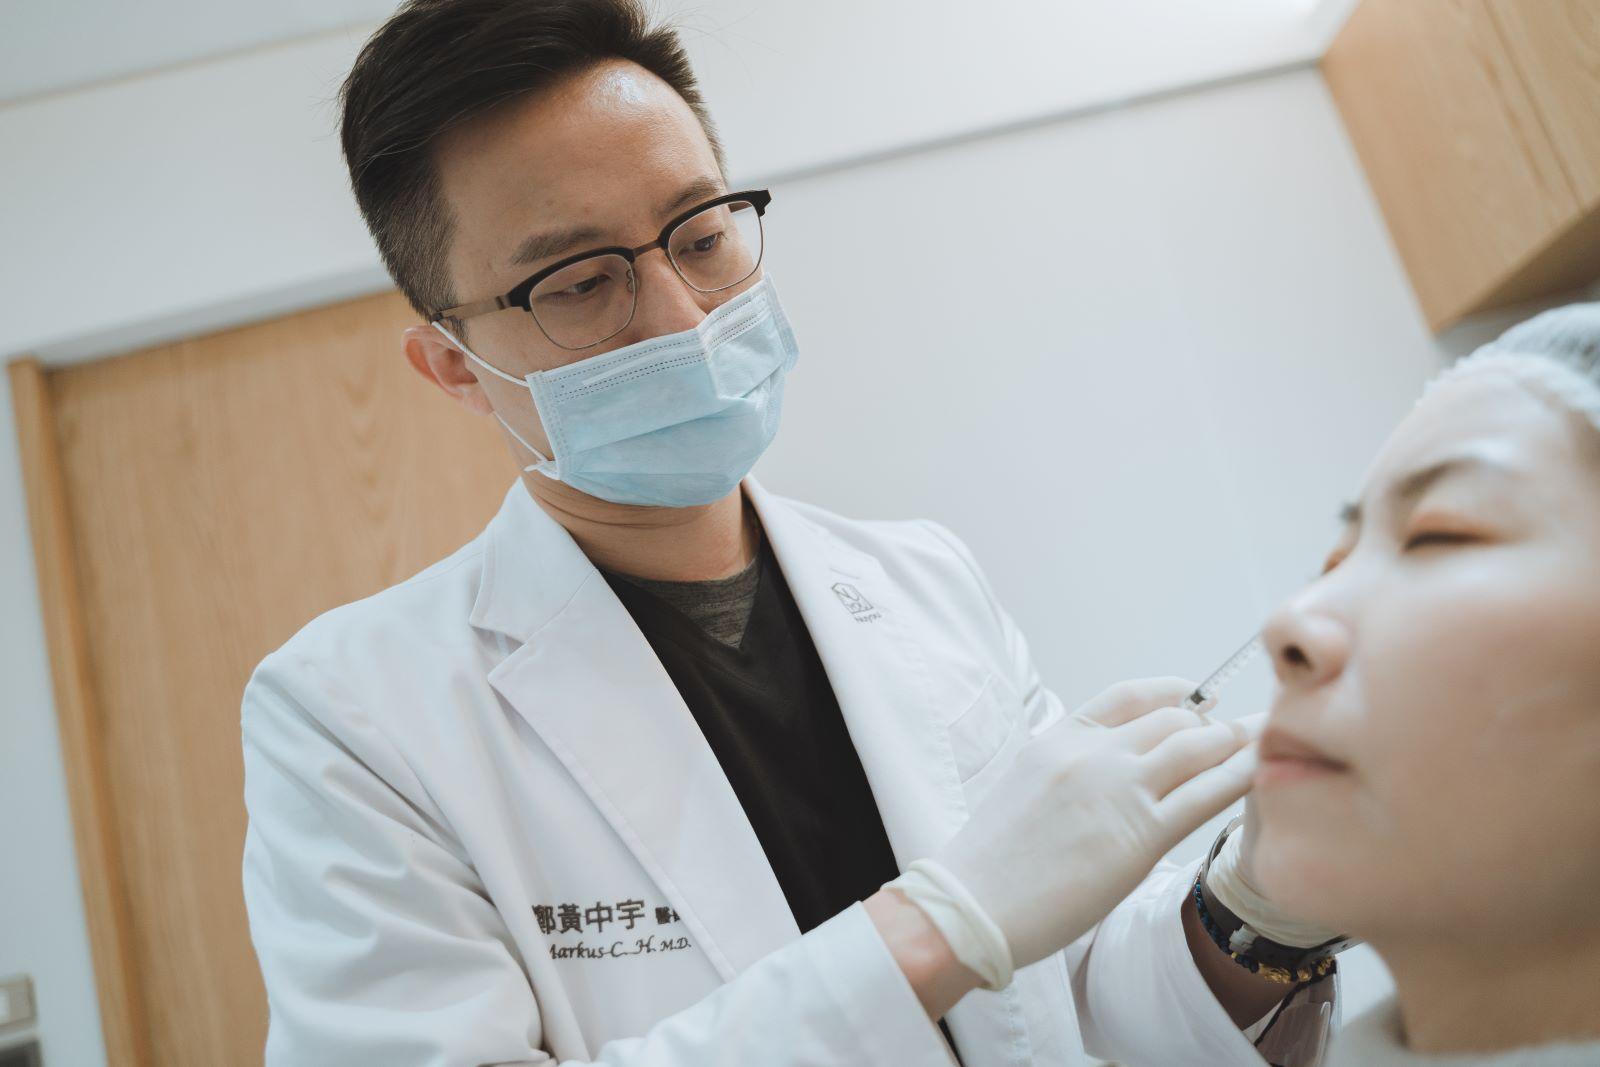 鄭黃中宇醫生玻尿酸隆鼻評價